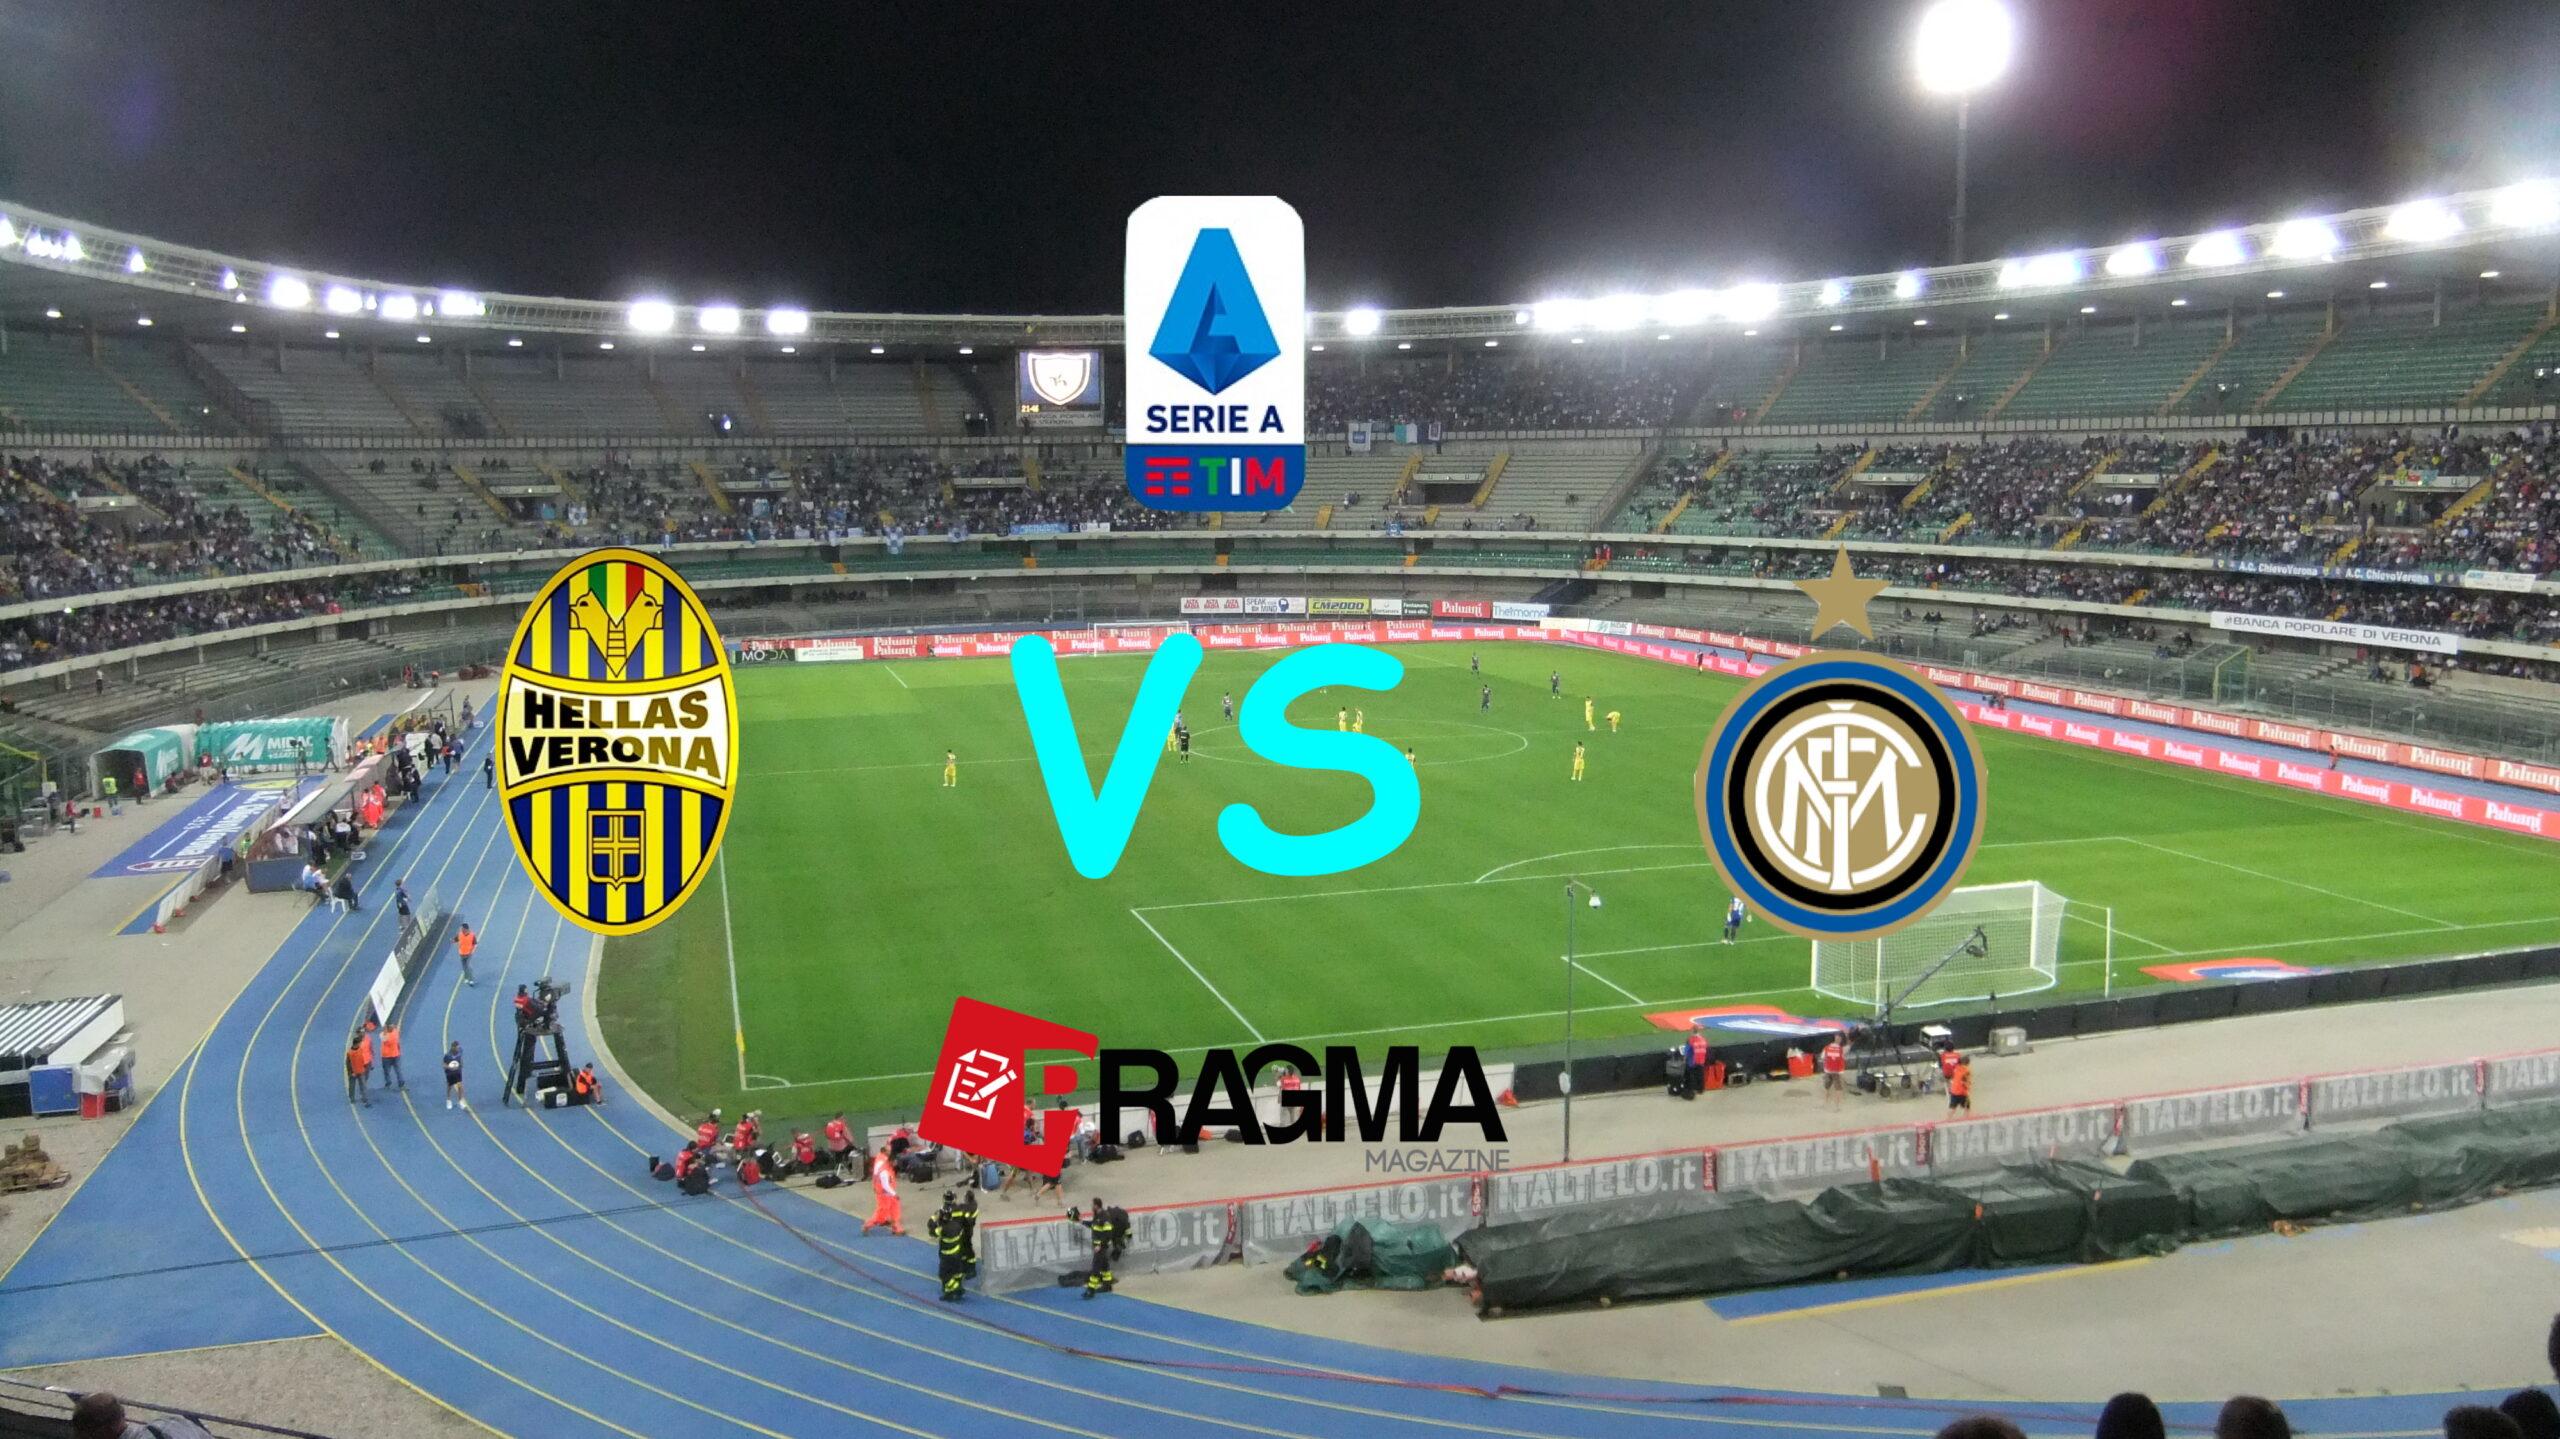 Hellas Verona - Inter